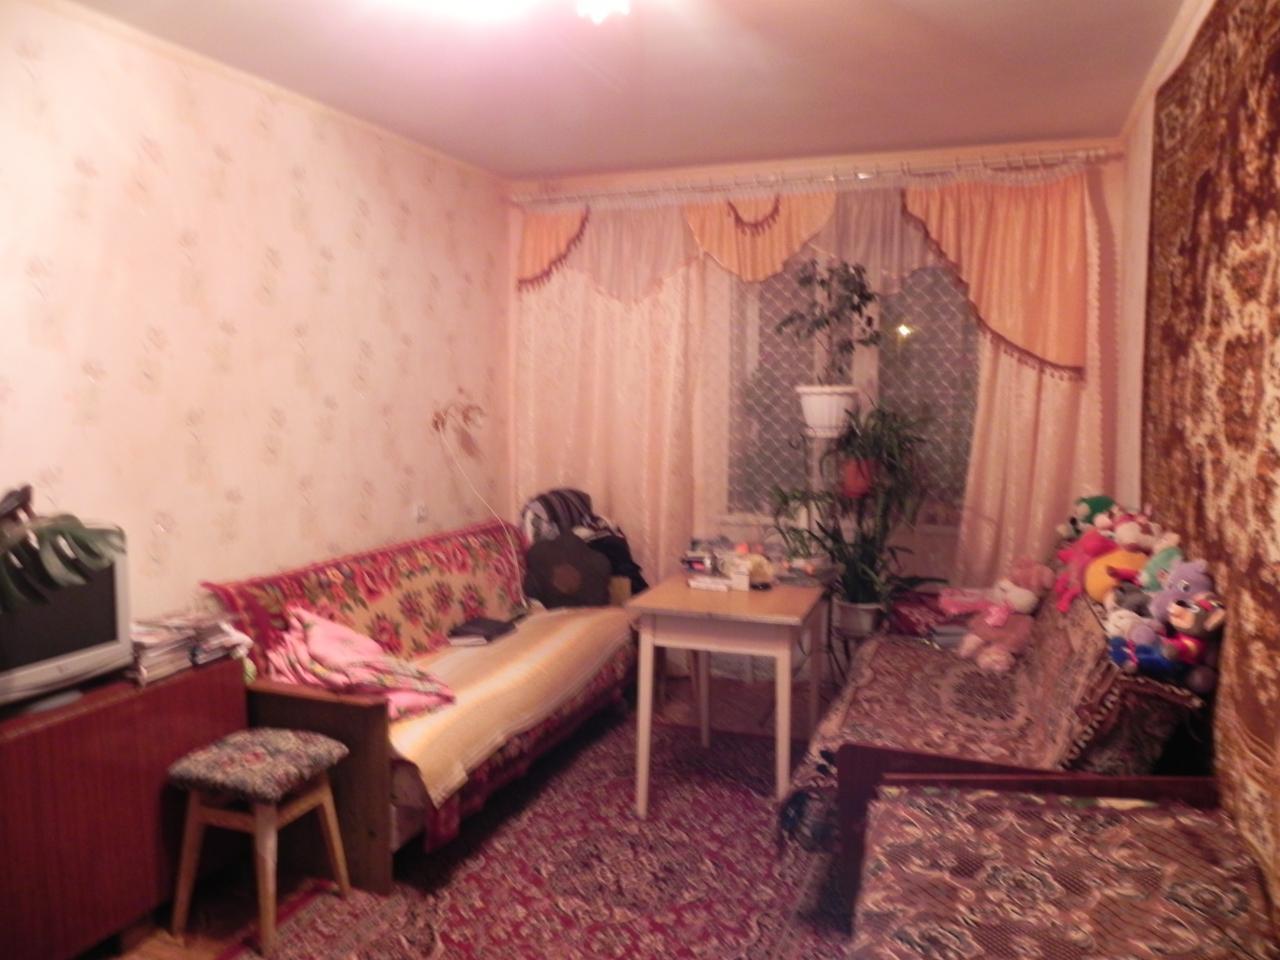 Фото 5 - Продам квартиру Харьков, Роганская ул.